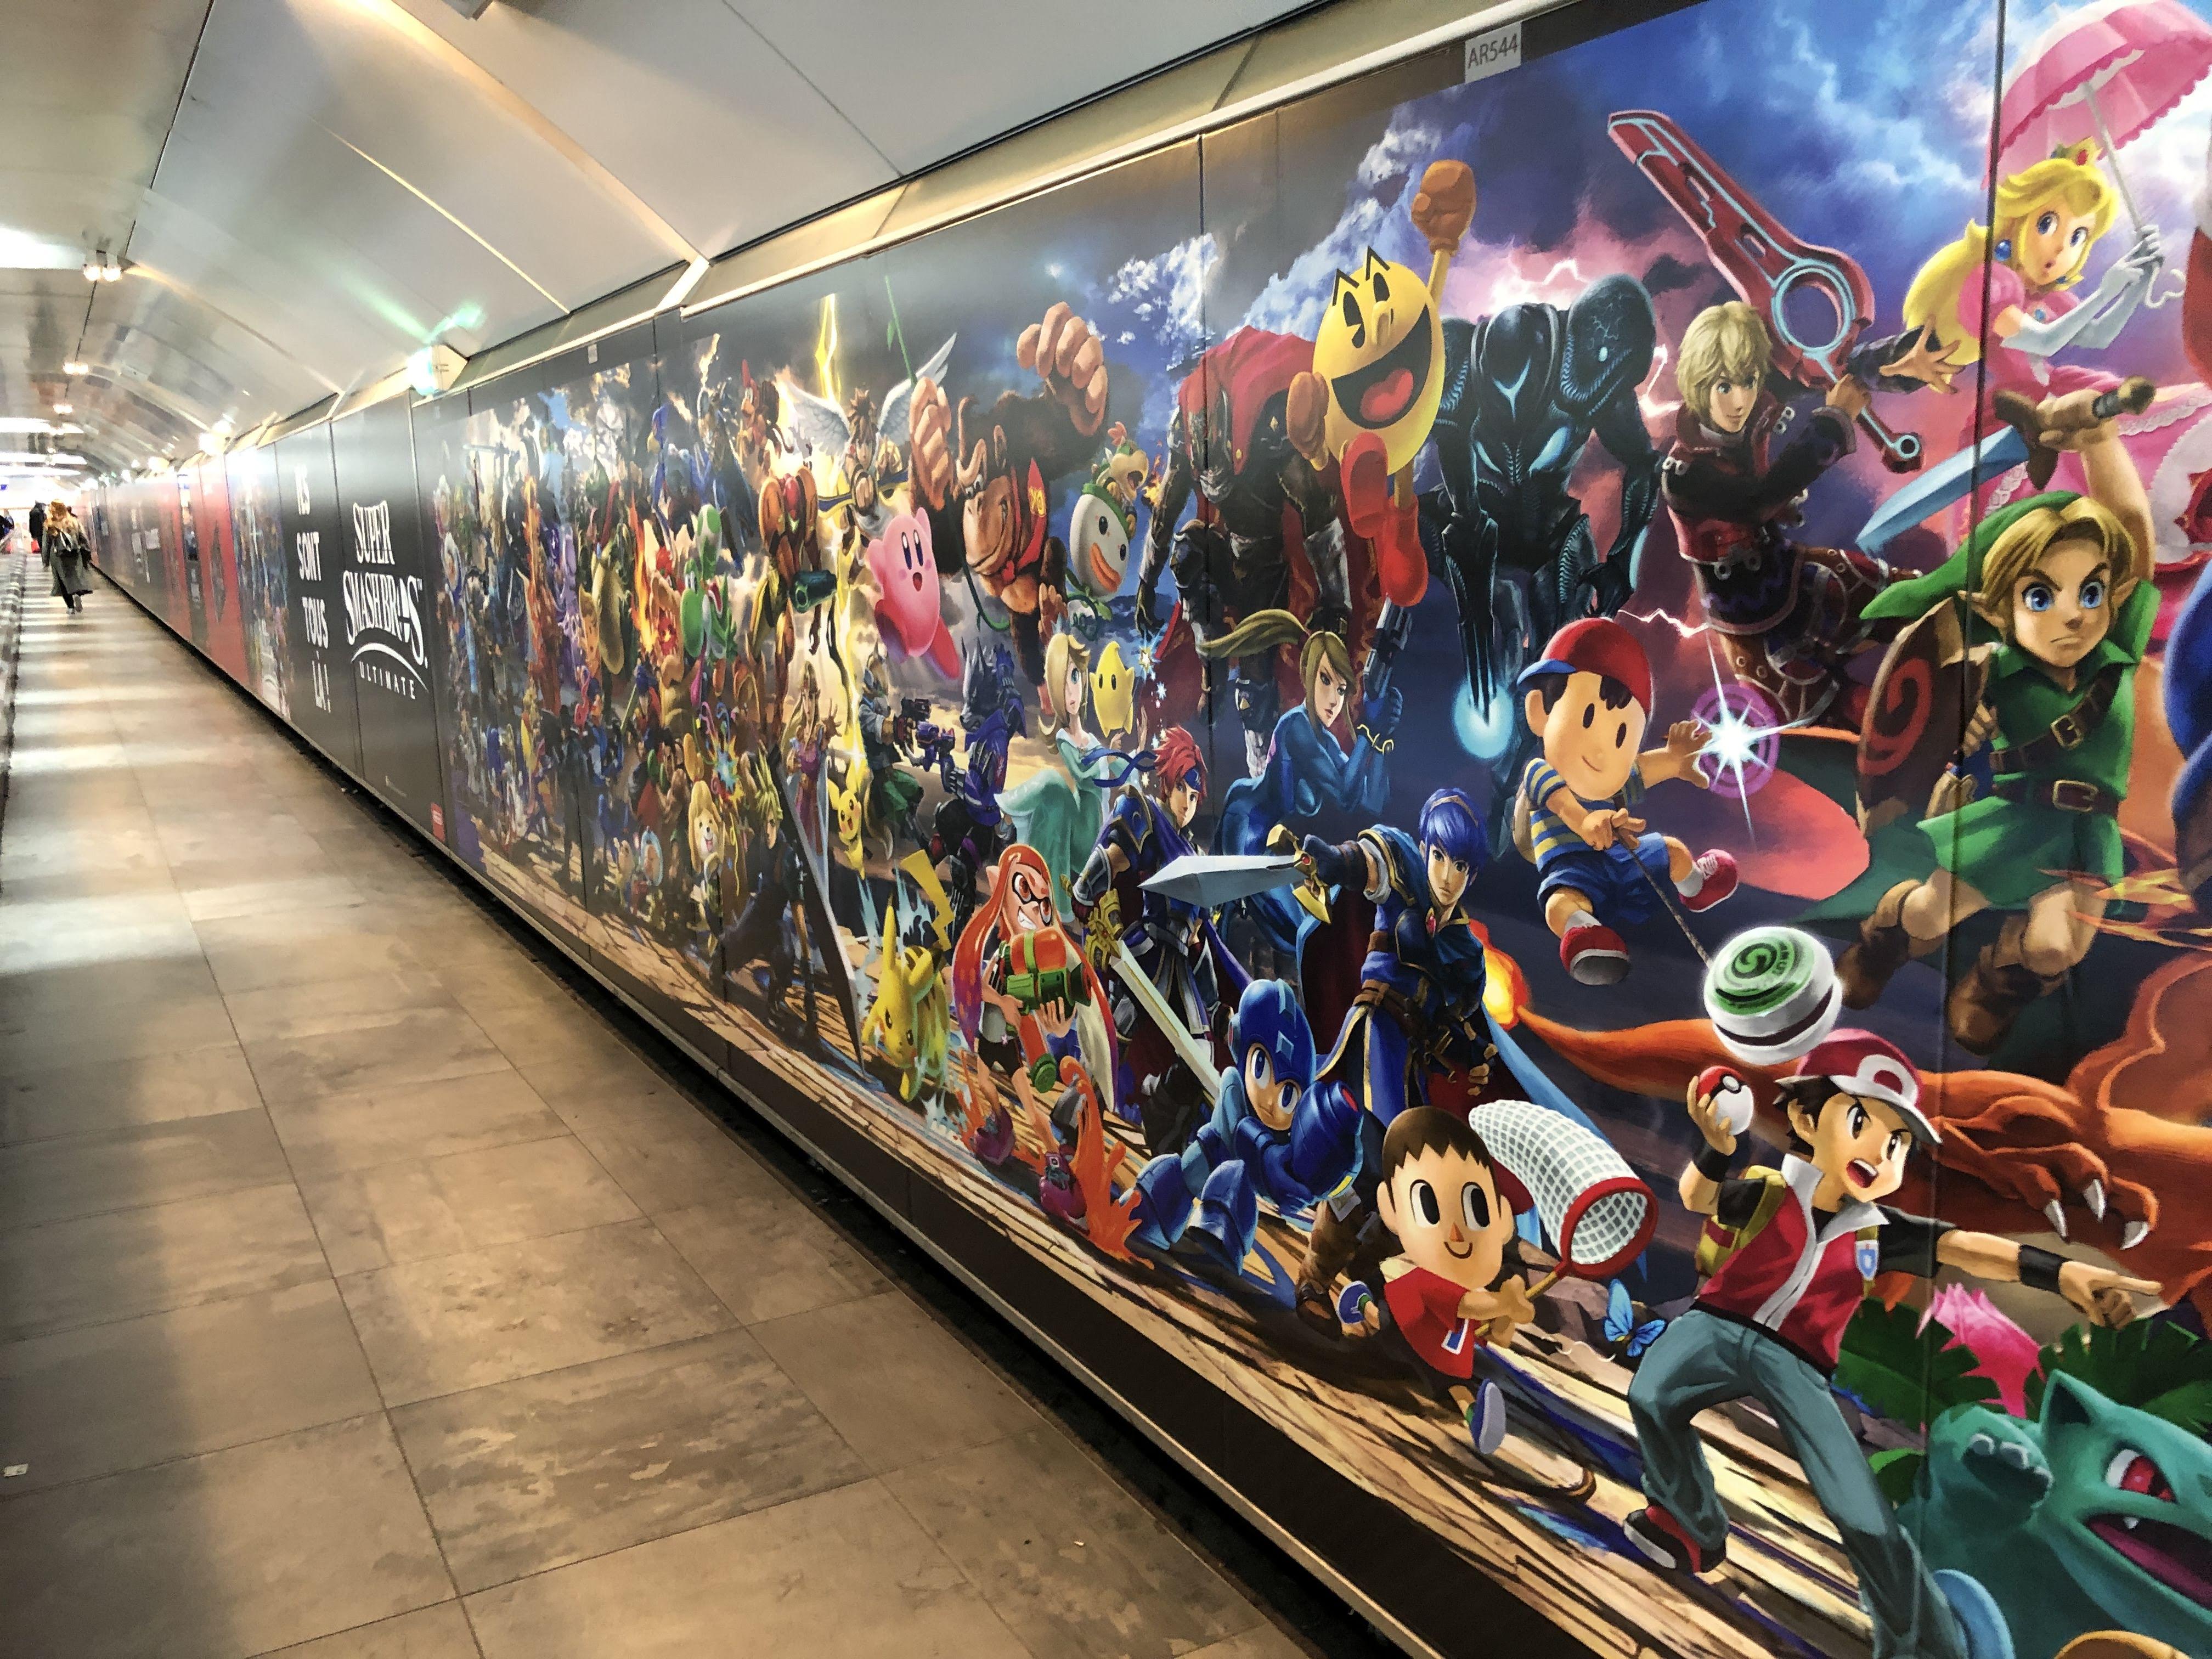 《任天堂明星大乱斗特别版》即将发售 巴黎地铁站贴满宣传海报